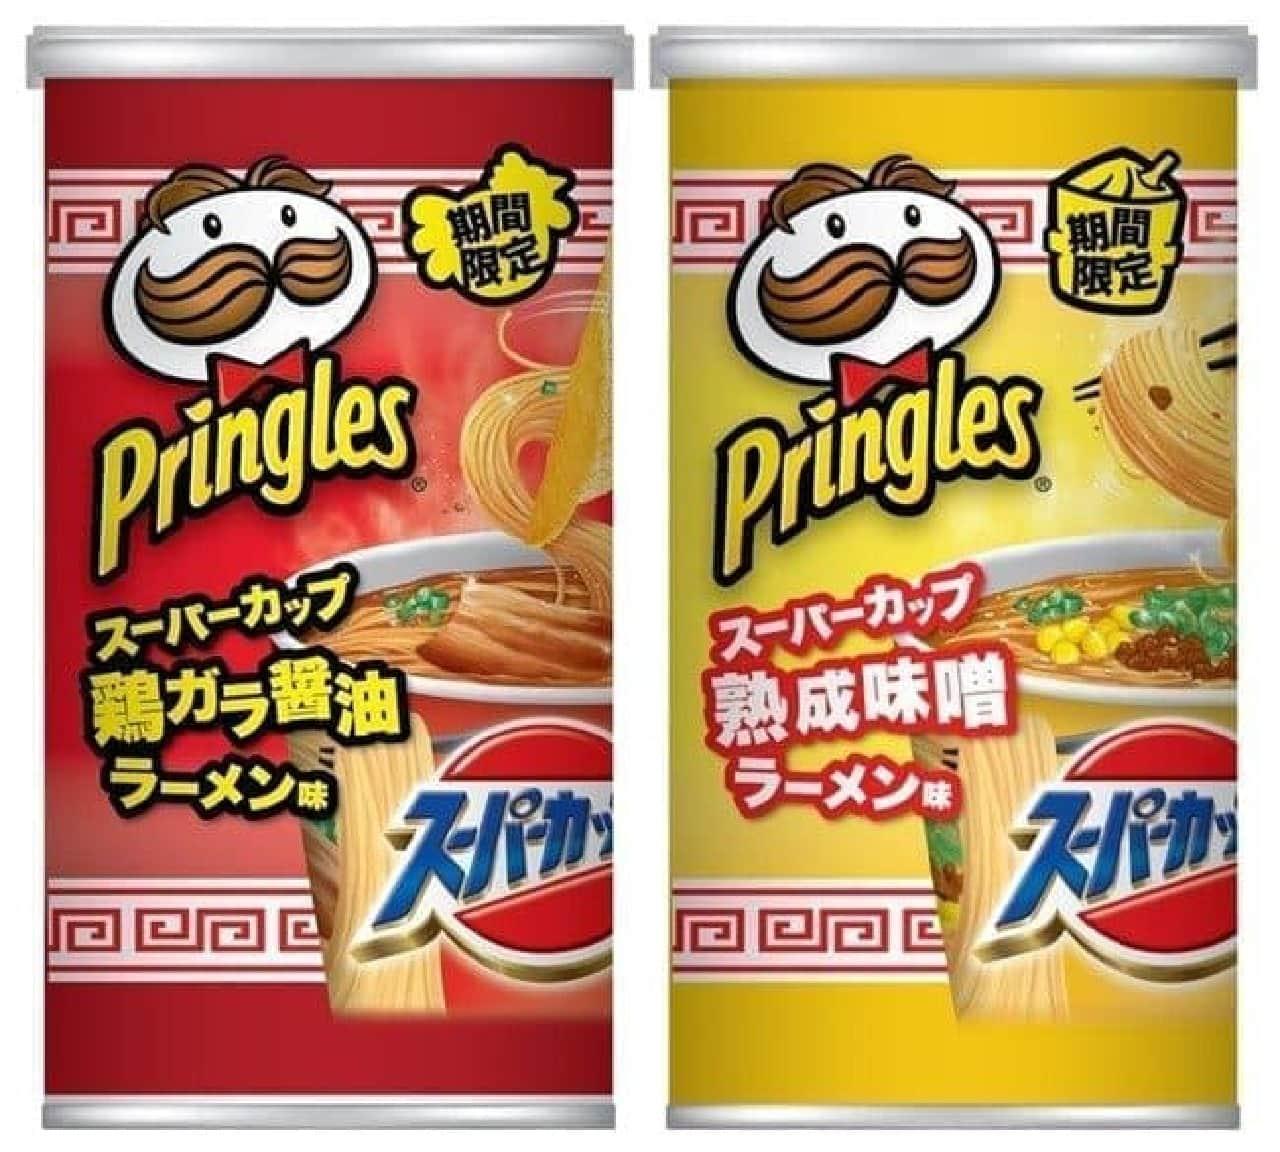 「プリングルズ スーパーカップ 鶏ガラ醤油ラーメン味」と「プリングルズ スーパーカップ 熟成味噌ラーメン味」